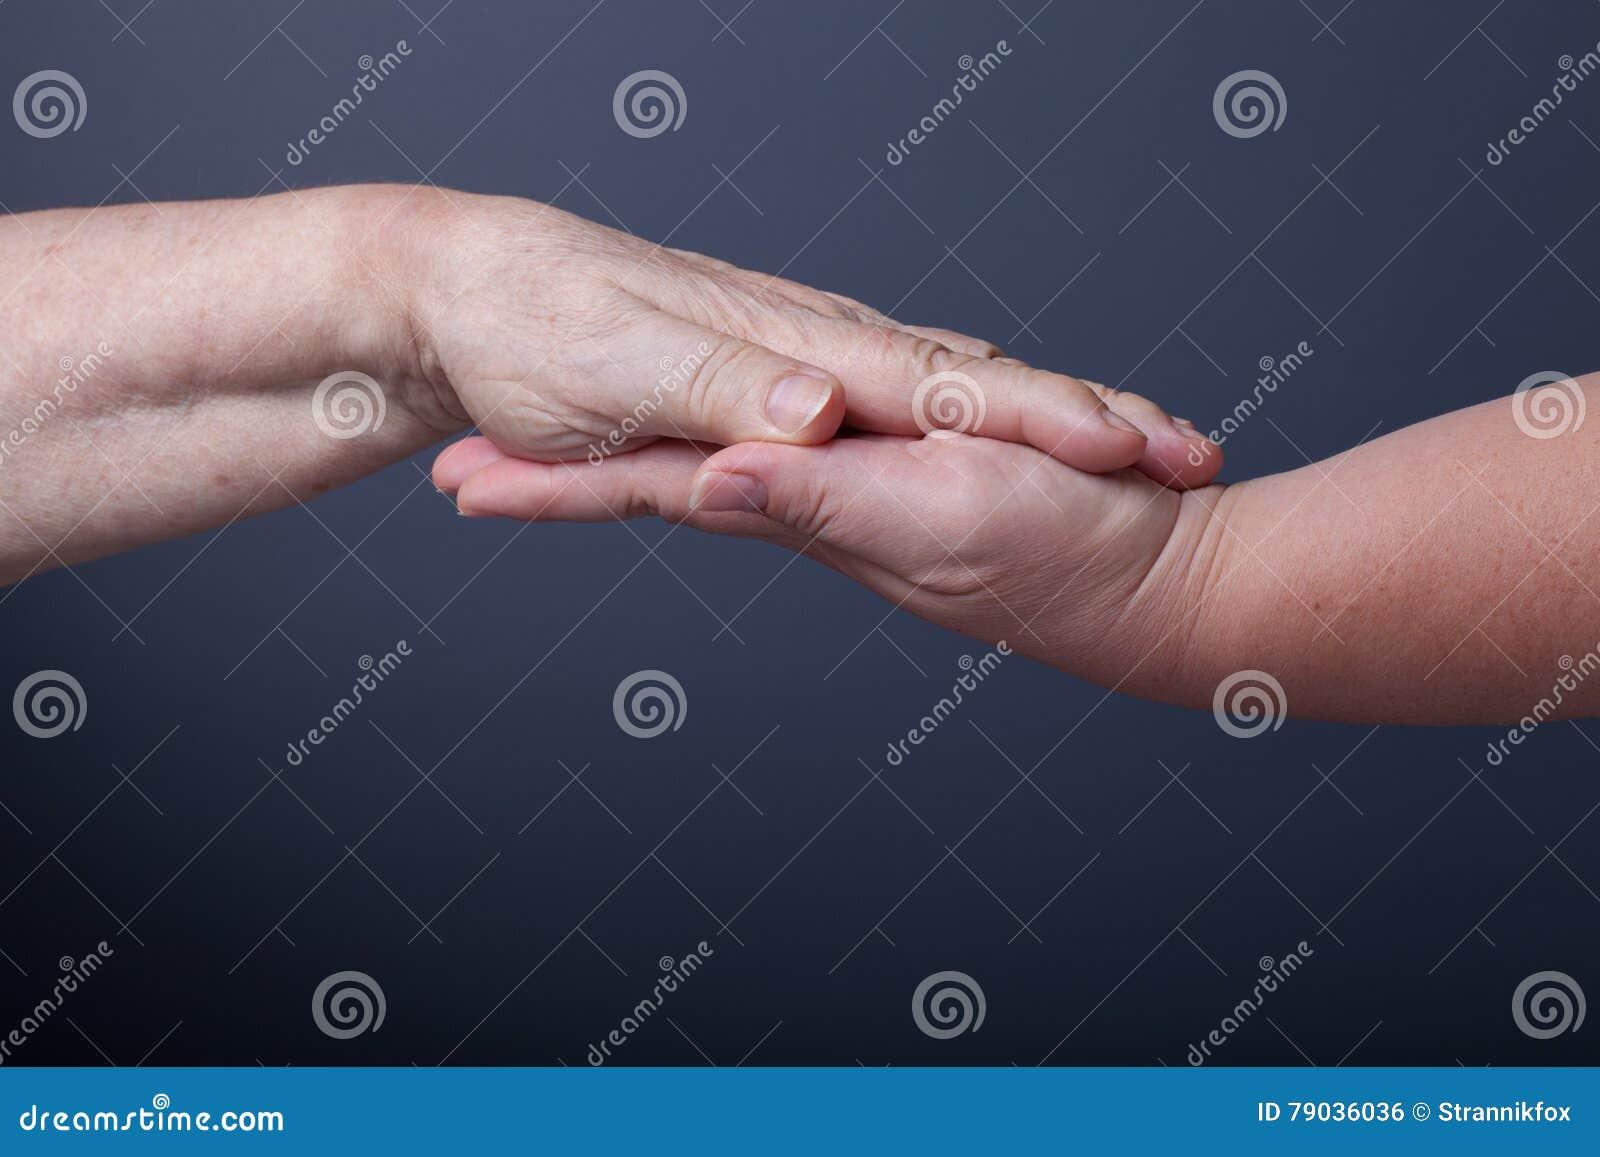 Фото женщин пожилых и молодых